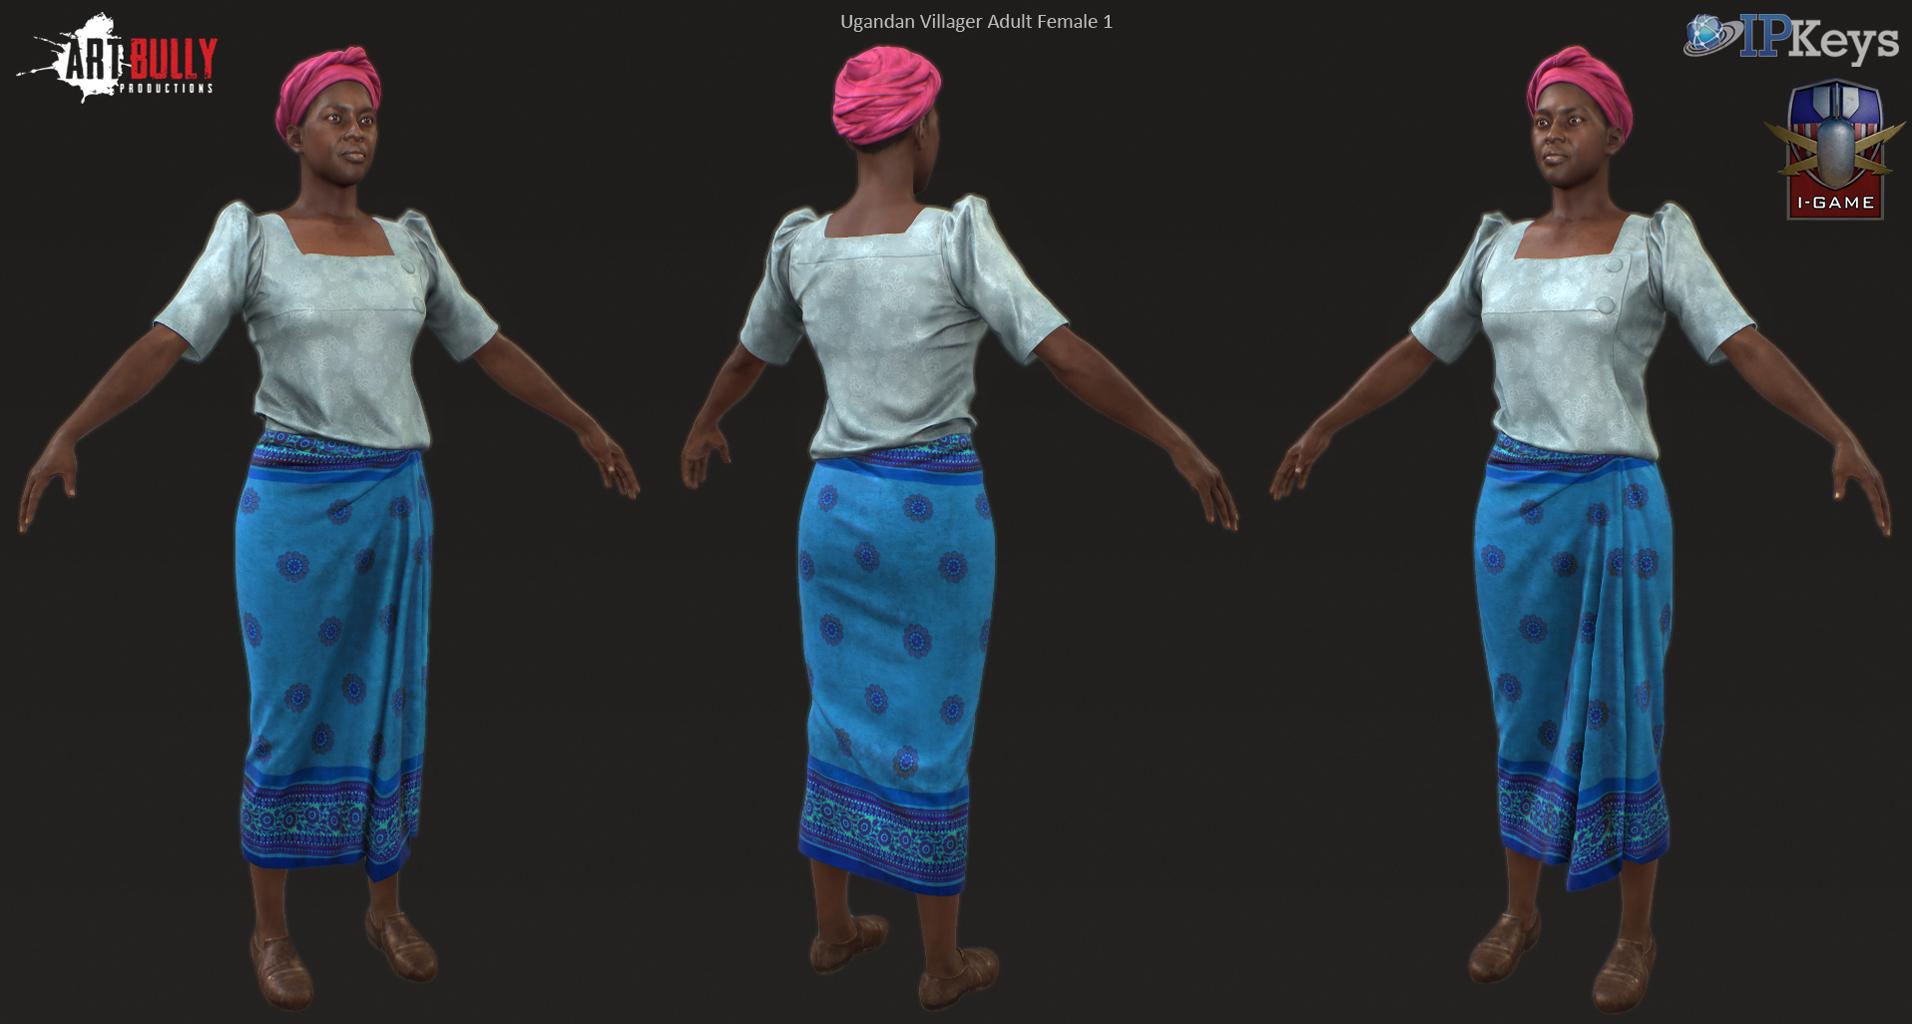 Ugandan_Villager_Adult_Female1.jpg